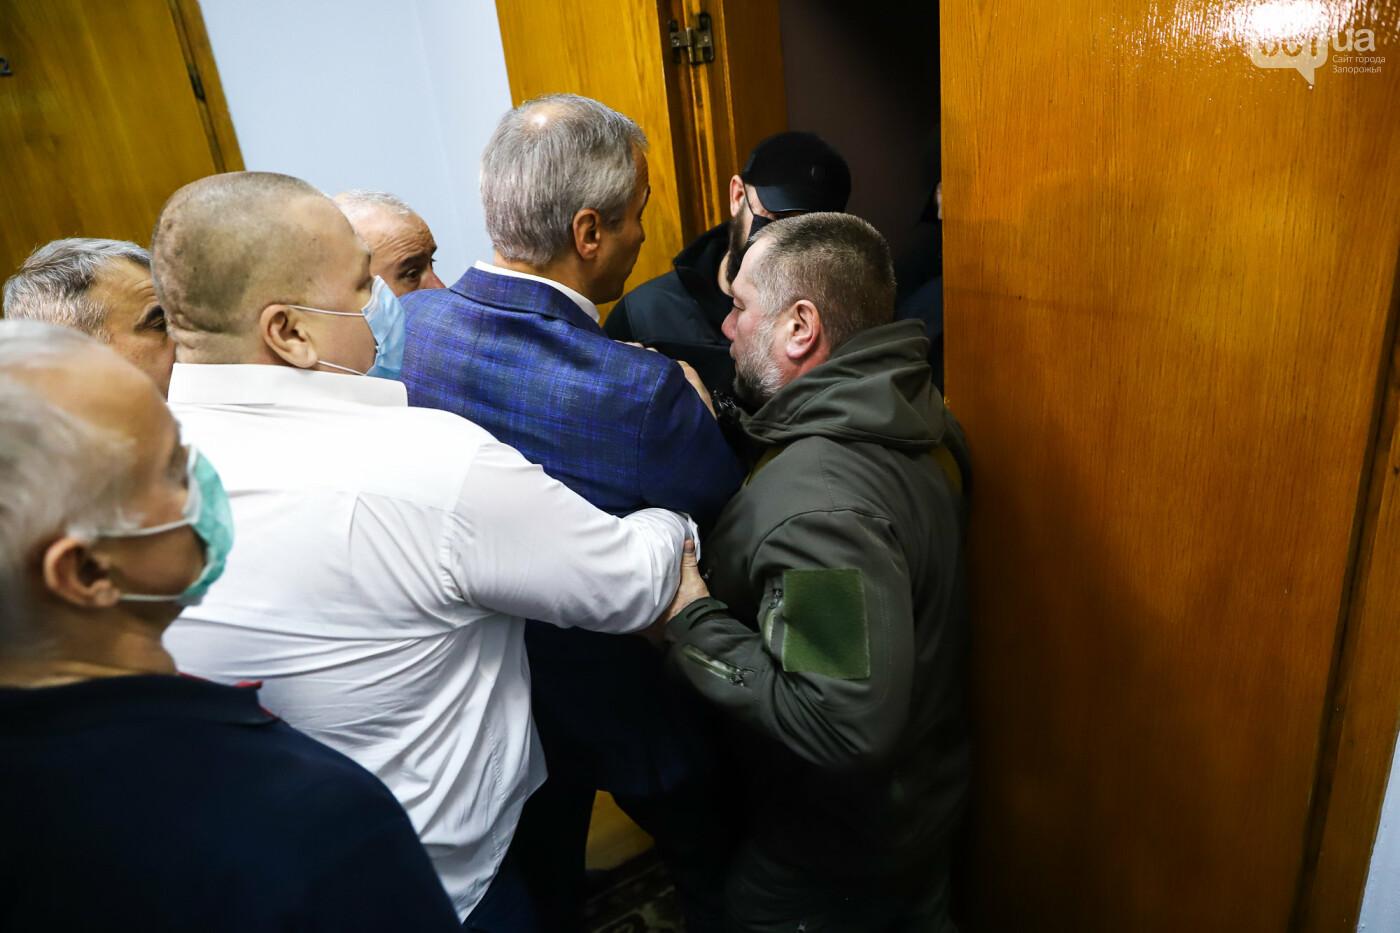 """Тайная """"сессия"""", сотни правоохранителей и стычки с активистами - что происходило в здании Запорожского облсовета, - ФОТО, ВИДЕО , фото-42"""